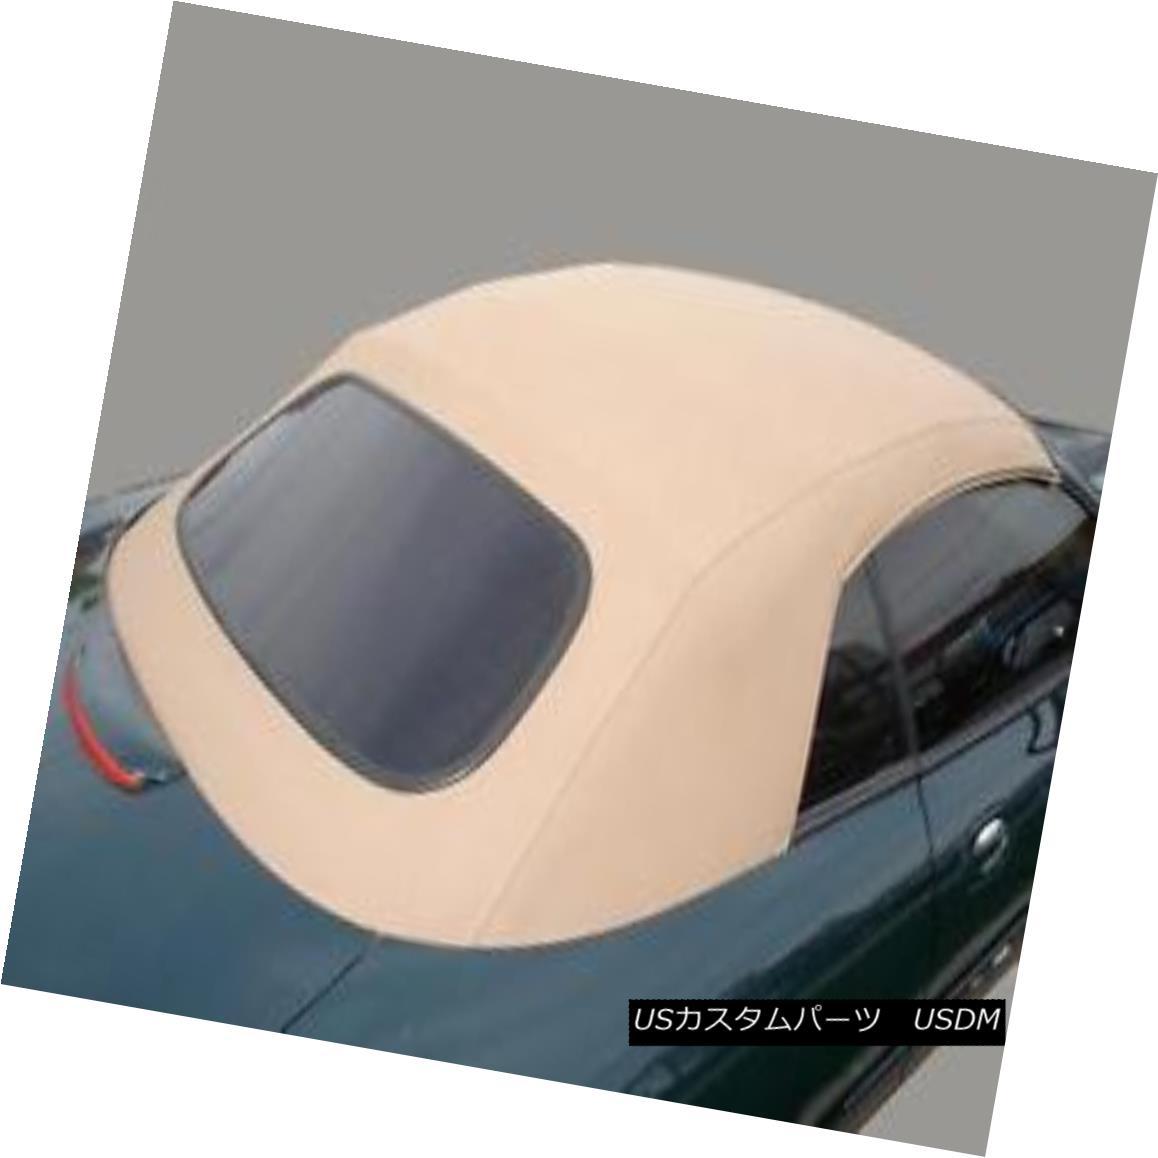 幌・ソフトトップ Jaguar XK8 Convertible Top Hood Tan OEM Twillfast 1997-2006 XK 8 Soft Top ジャガーXK8コンバーチブルトップフードタンOEMツイルファースト1997-2006 XK 8ソフトトップ